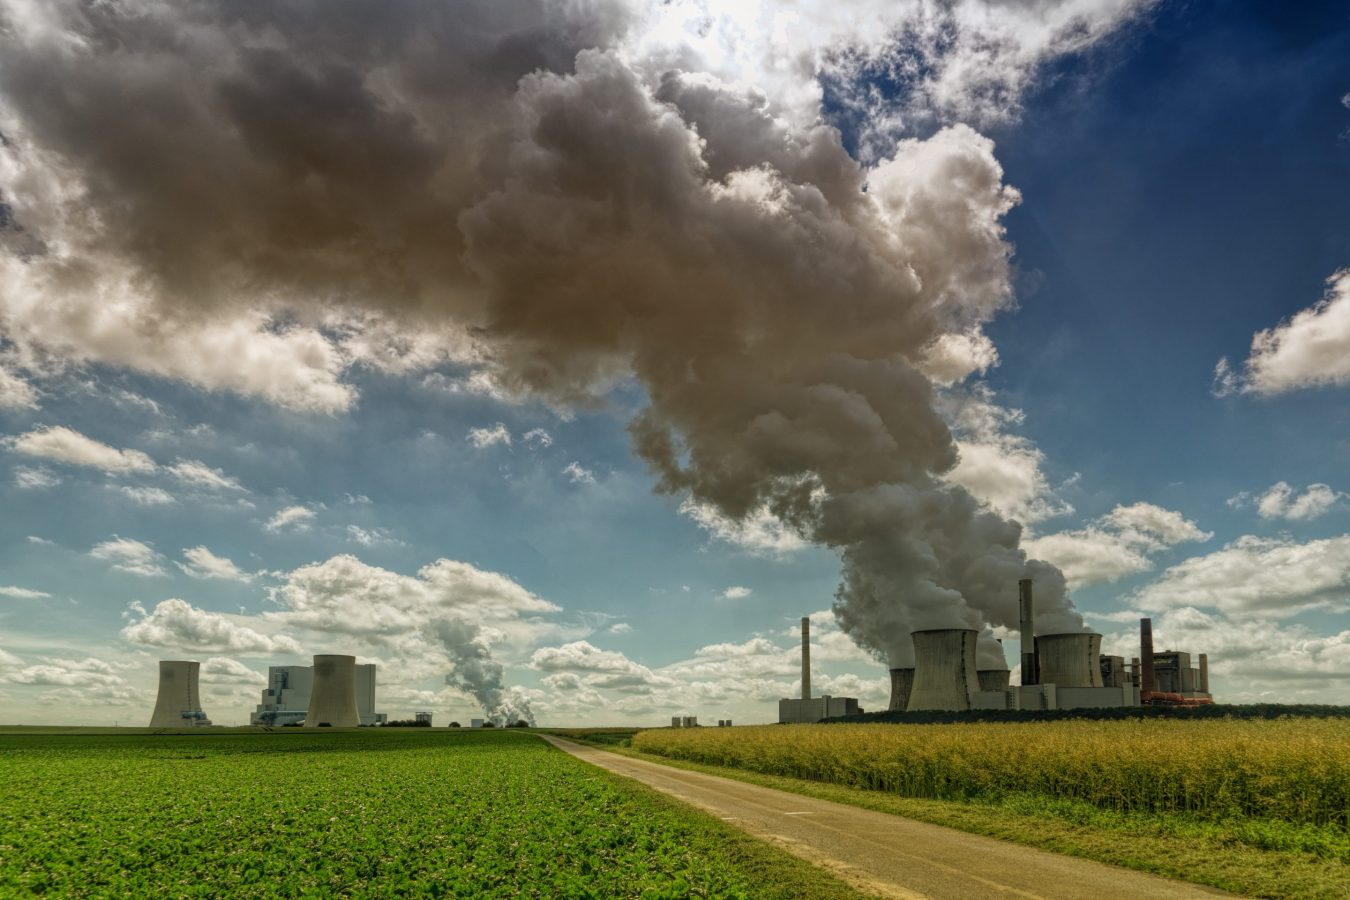 Le changement climatique entraîne des pertes financières